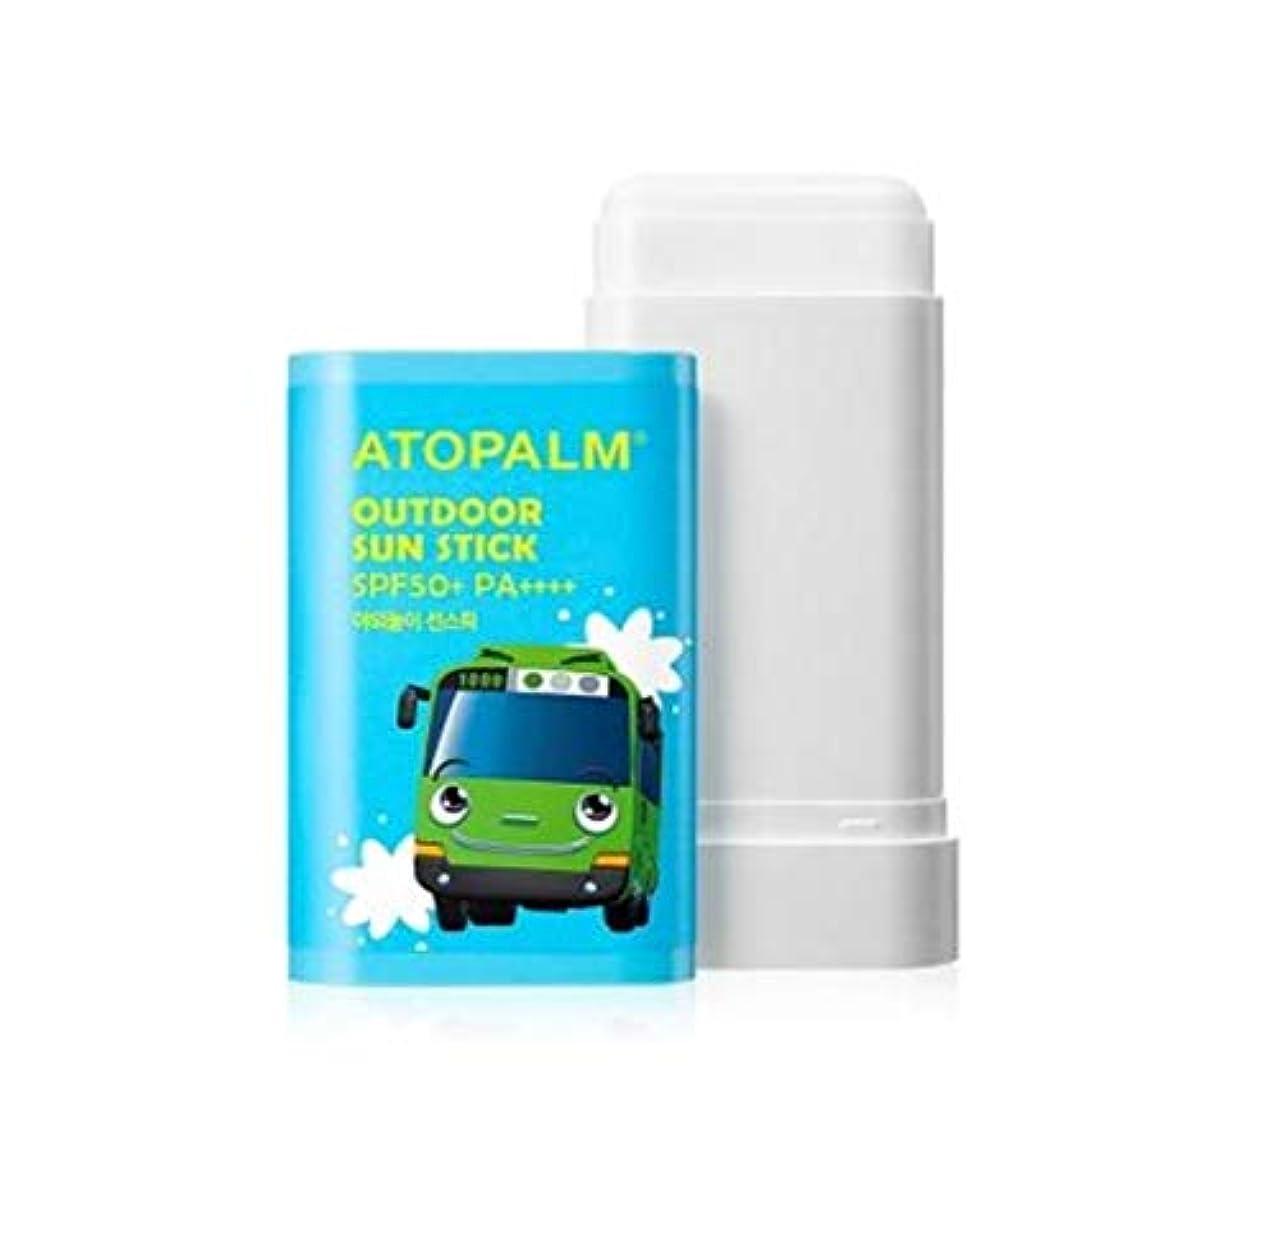 転送ディスカウント聖書ATOPALM OUTDOOR Sun Stick (EWG all green grade!) SPF50+ PA++++ 日焼け止めパーフェクトUVネック?手?足の甲?部分的に塗って修正スティック [並行輸入品]